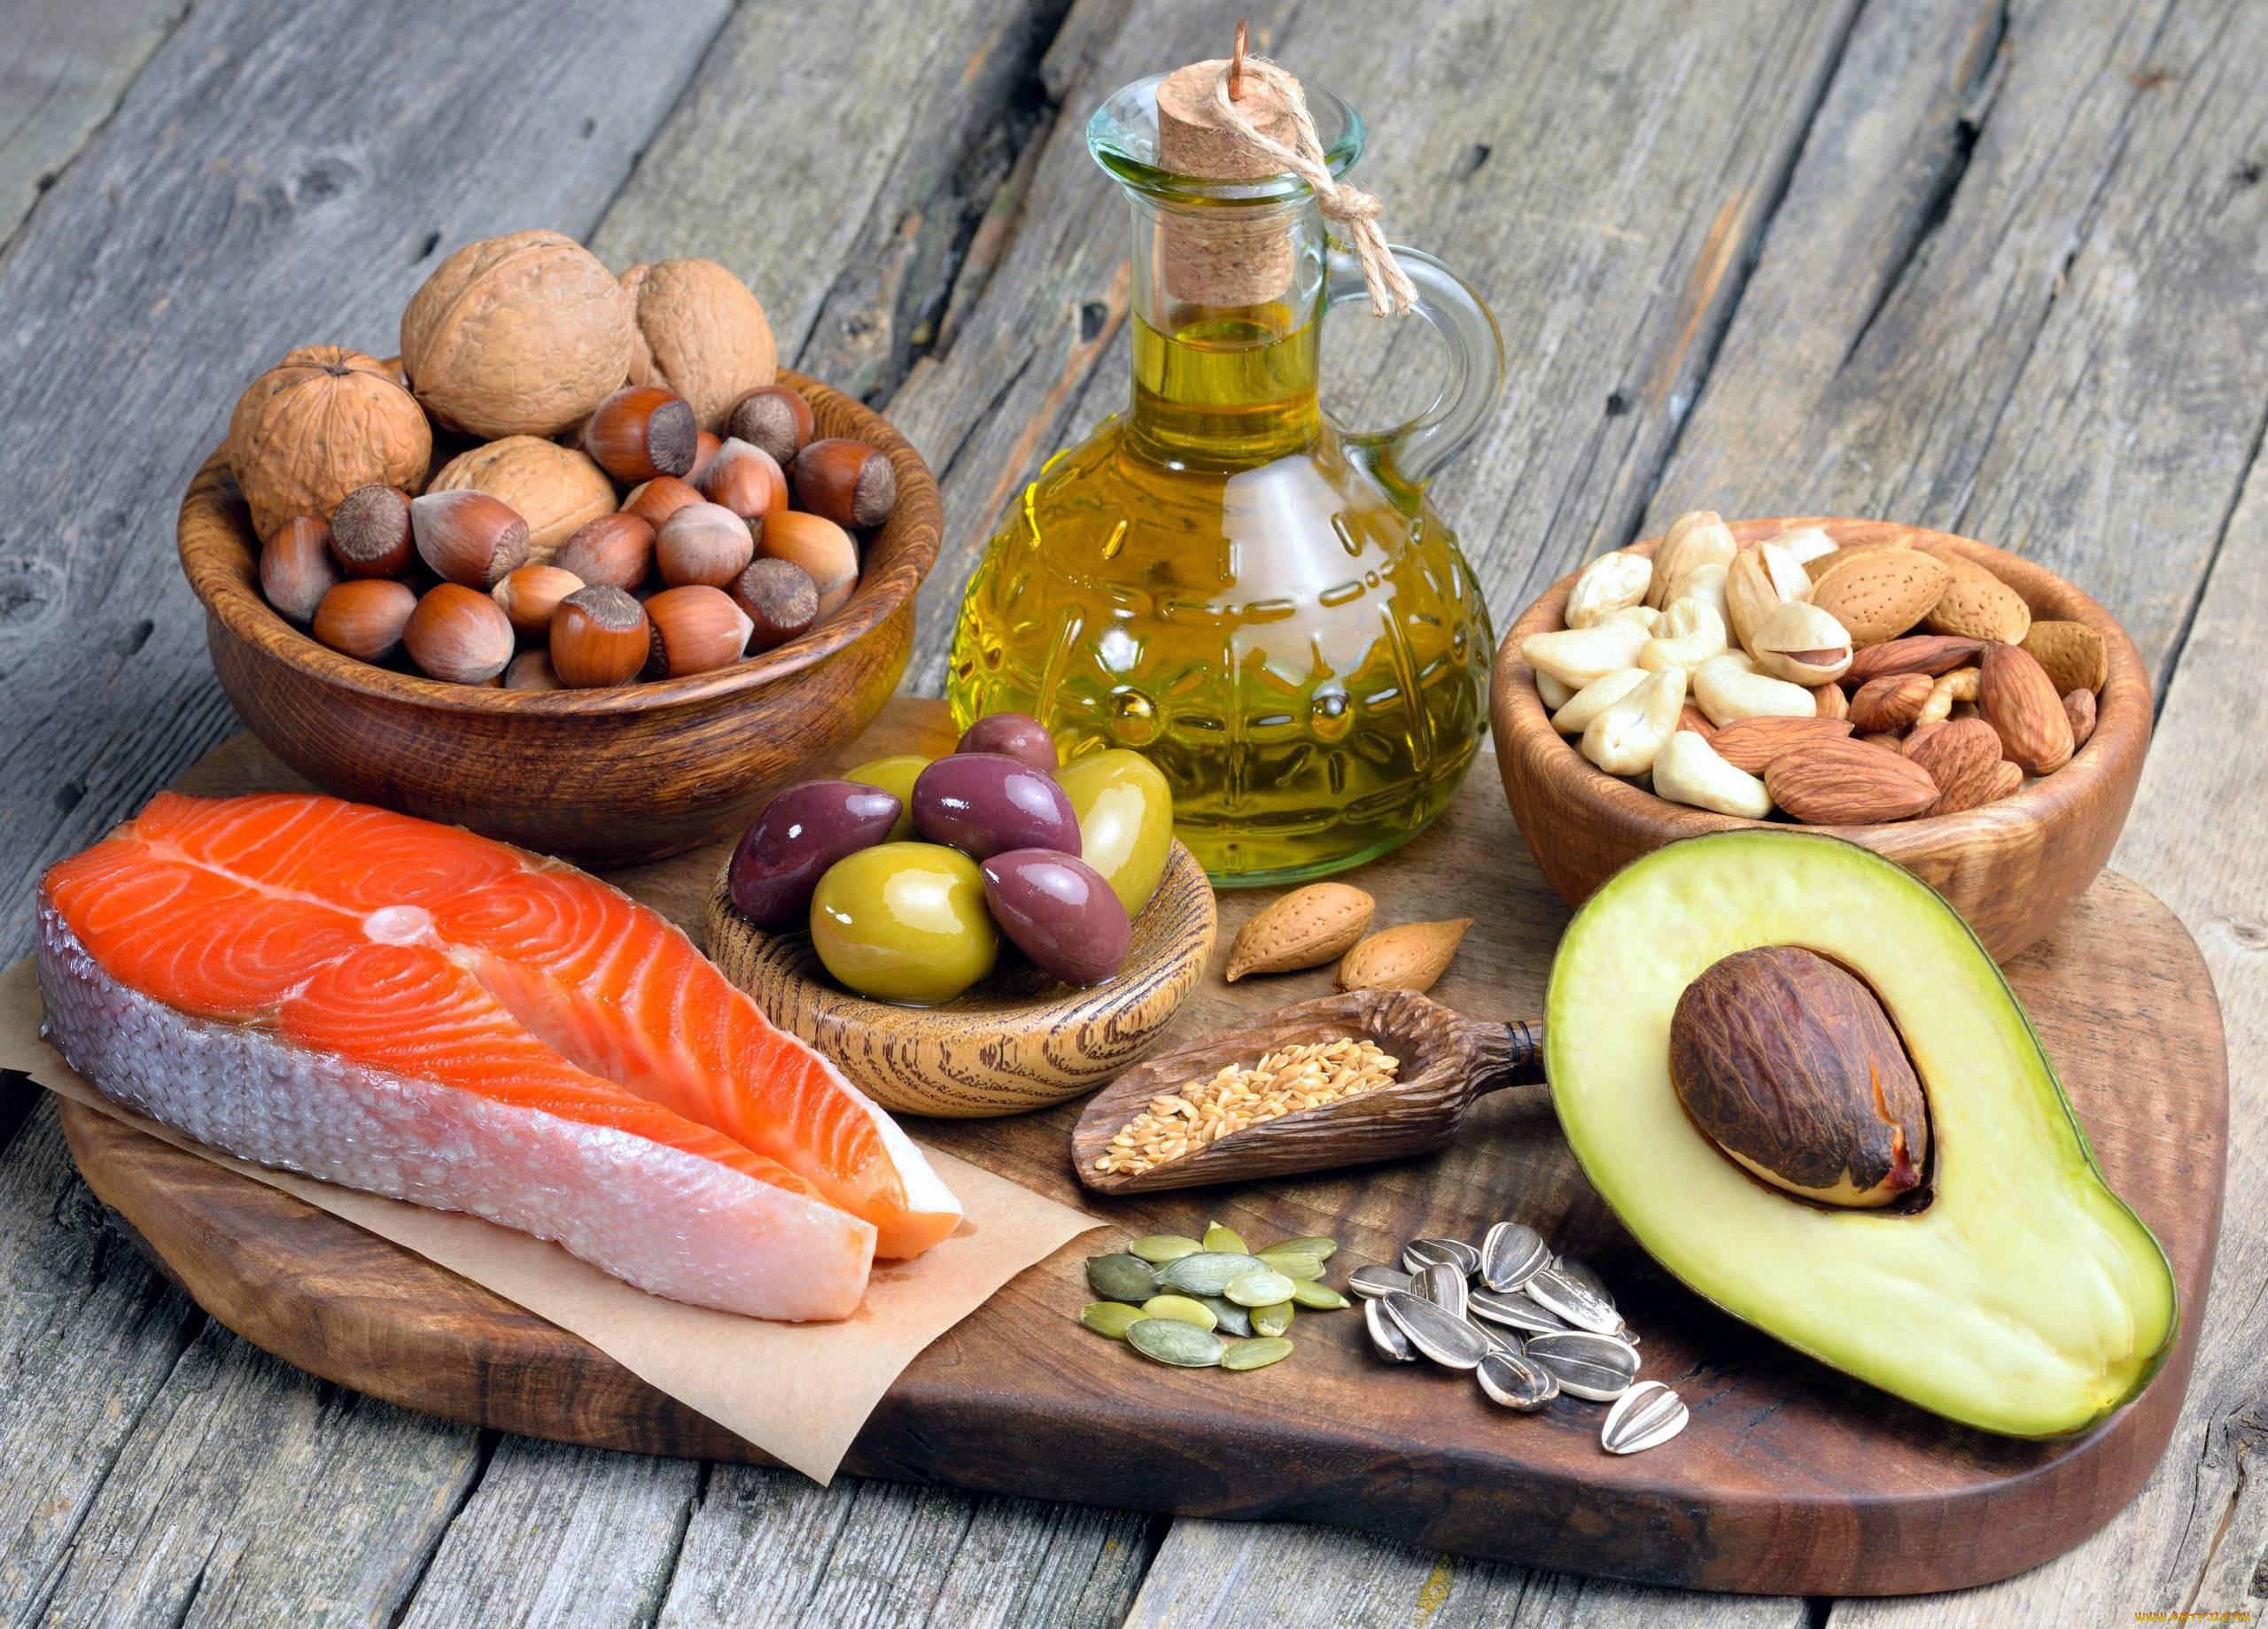 Можно ли есть орехи при повышенном уровне холестерине?